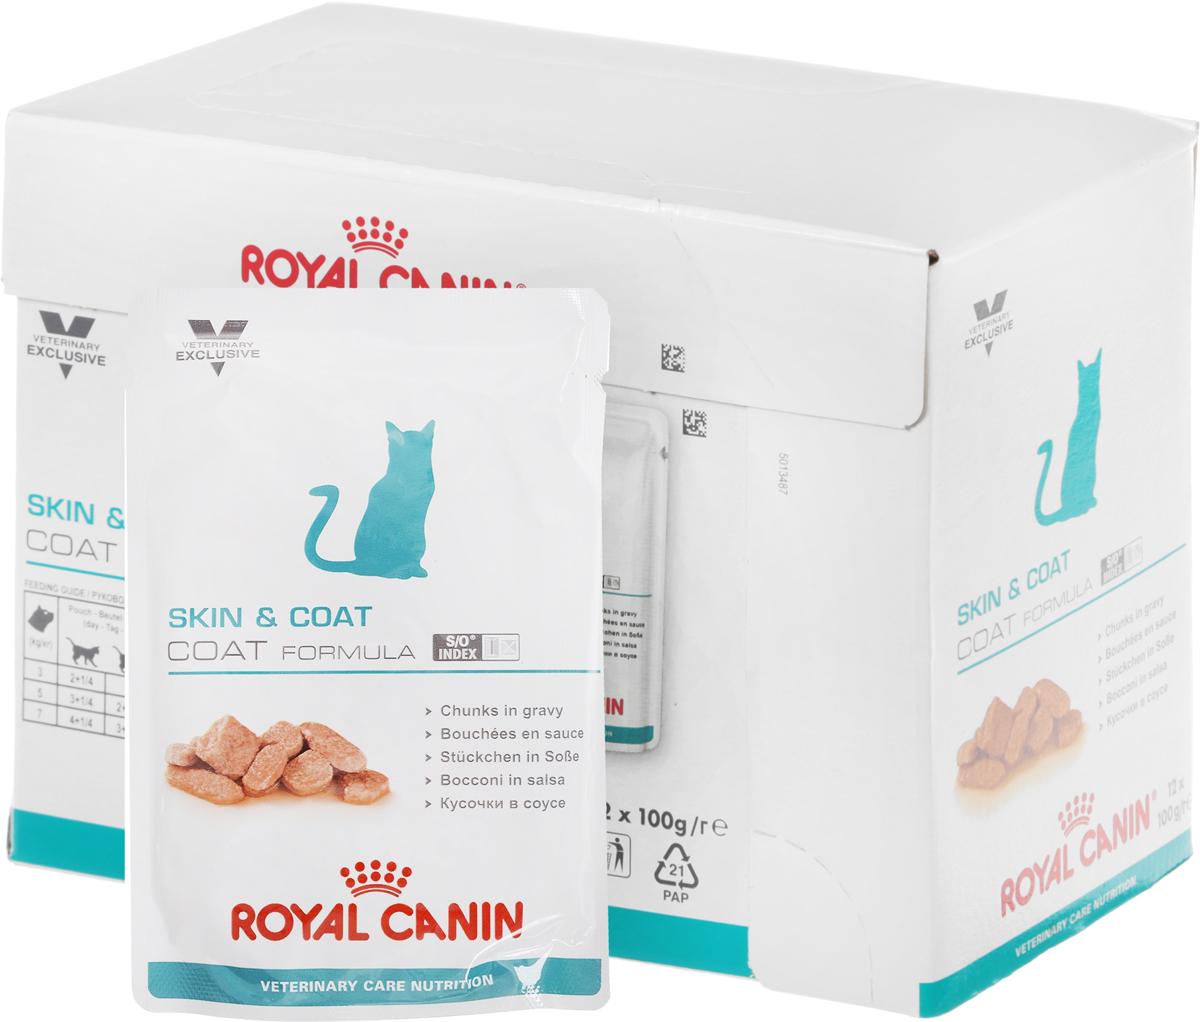 Консервы Royal Canin  Skin & Coat  для кастрированных котов и стерилизованных кошек с длинной шерстью, 100 г, 12 шт - Корма и лакомства